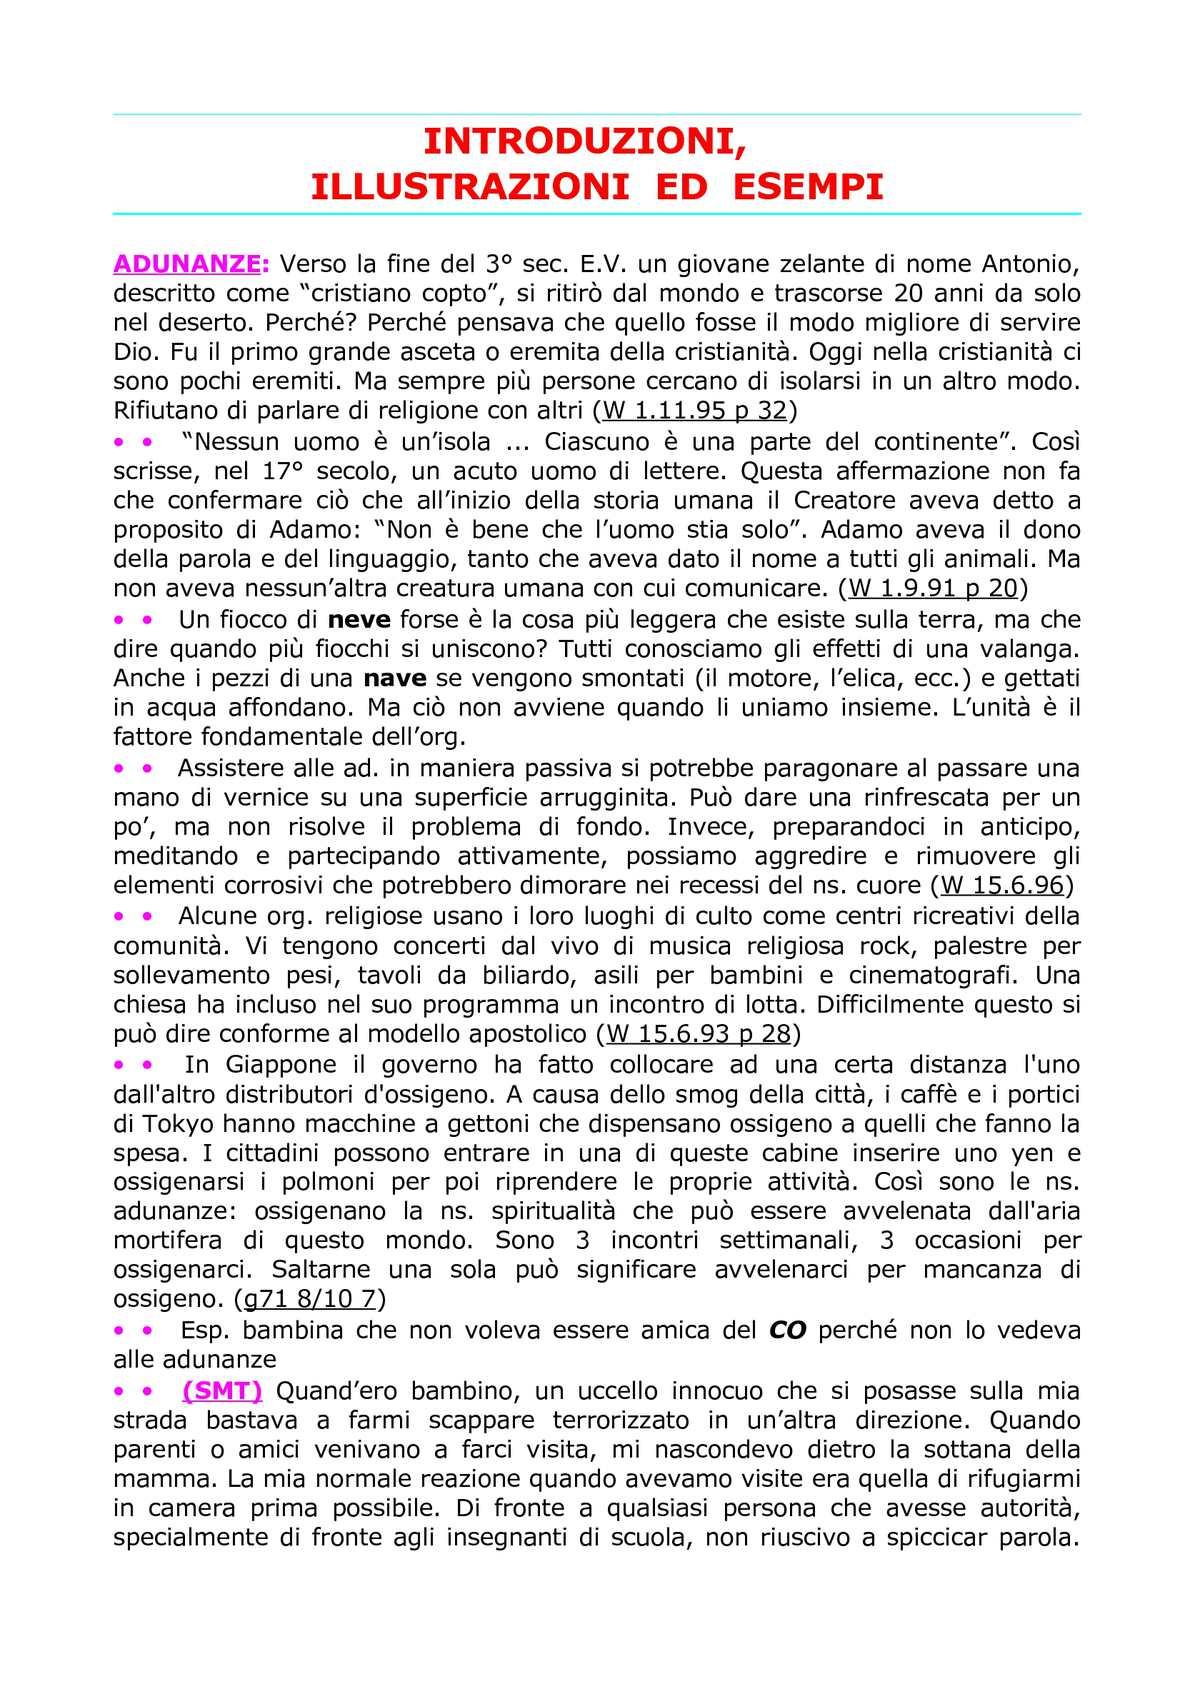 Illustrazioni 3 PAGINE 33